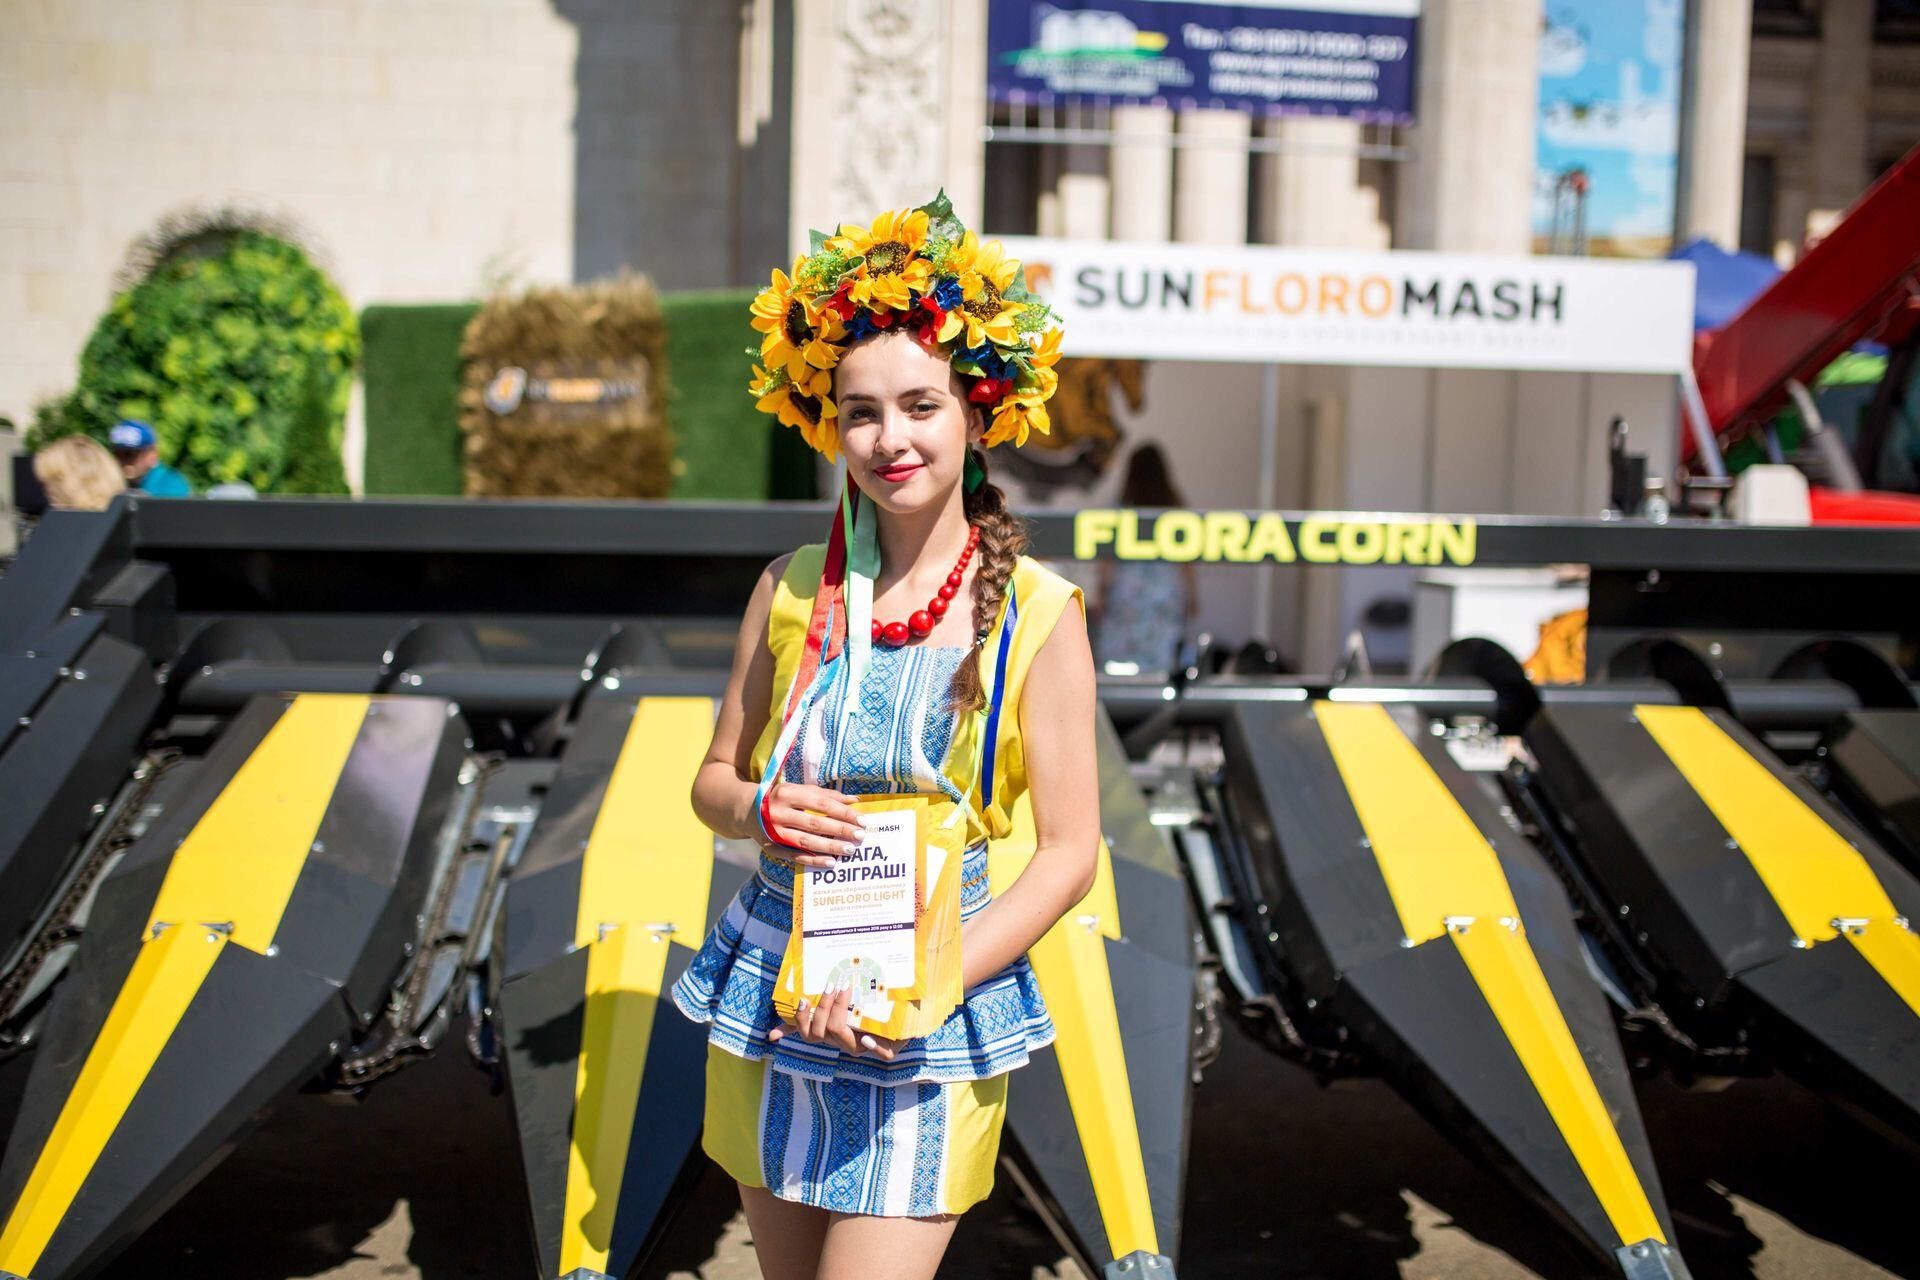 Машинобудівний завод SUNFLOROMASH - це надійний Український виробник техніки для збору урожаю.